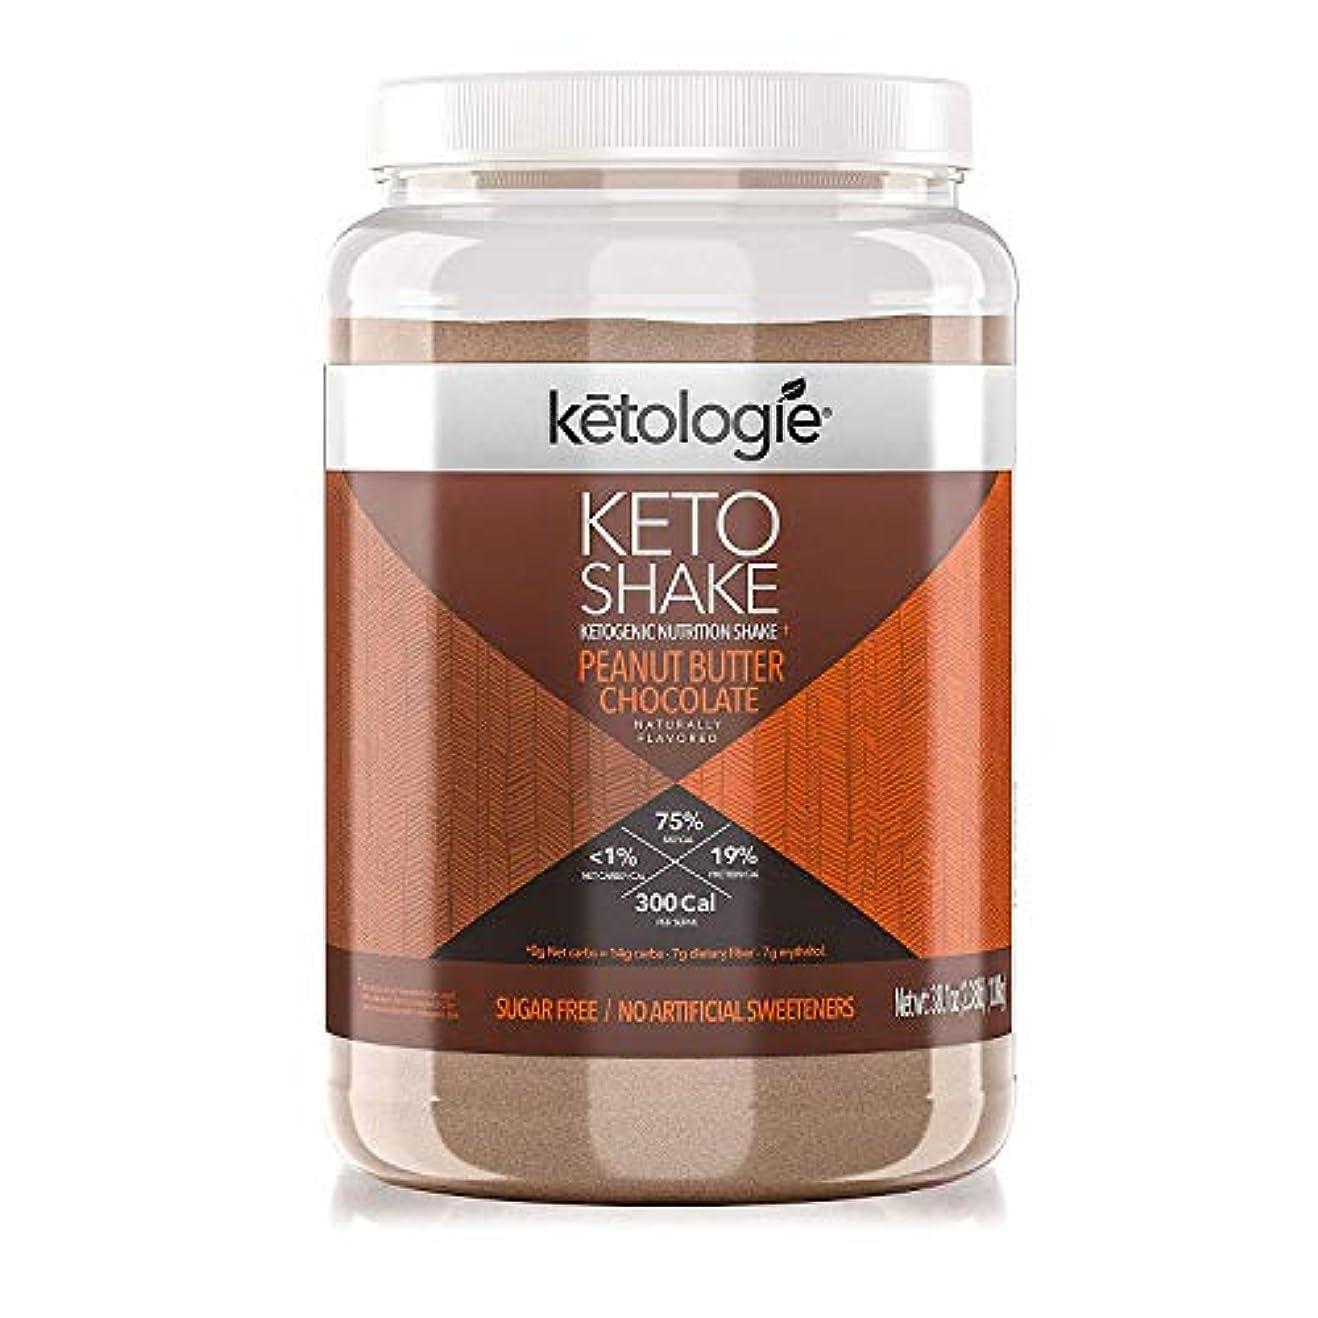 政治家上院蓋[Ketologie] [コラーゲンケトシェイク(チョコレートピーナッツバター) Collagen Keto Shake (Chocolate Peanut Butter)]